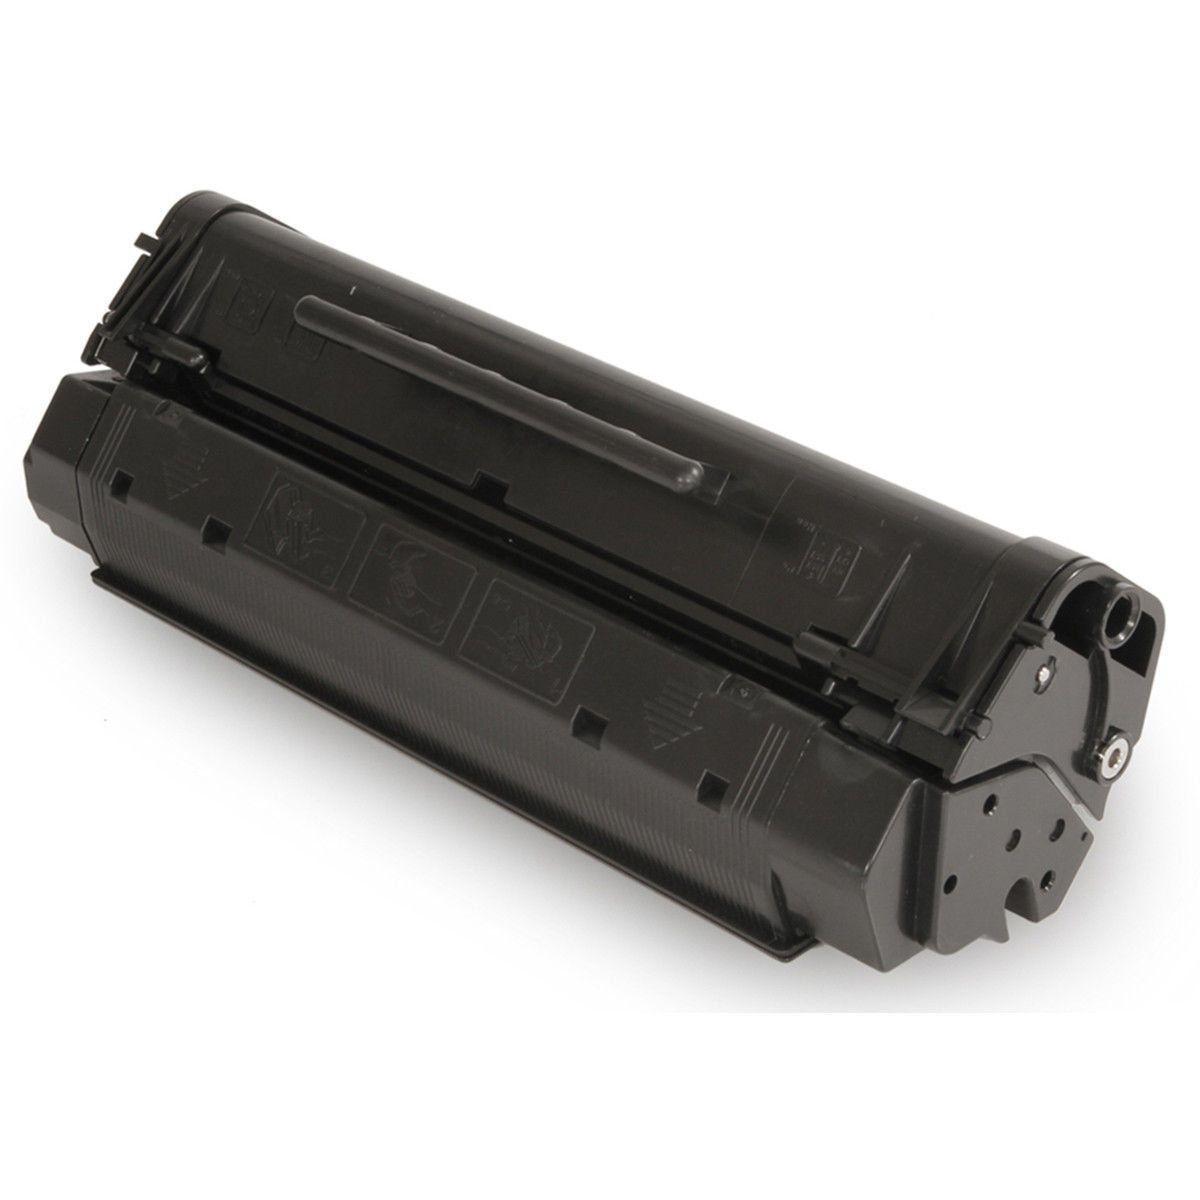 Compatível: Toner C4092A 4092 92A para HP 1100 1100a 1100se 1100xi 1100axi 3200 3200m 3200s 3200Se / Preto / 2.500